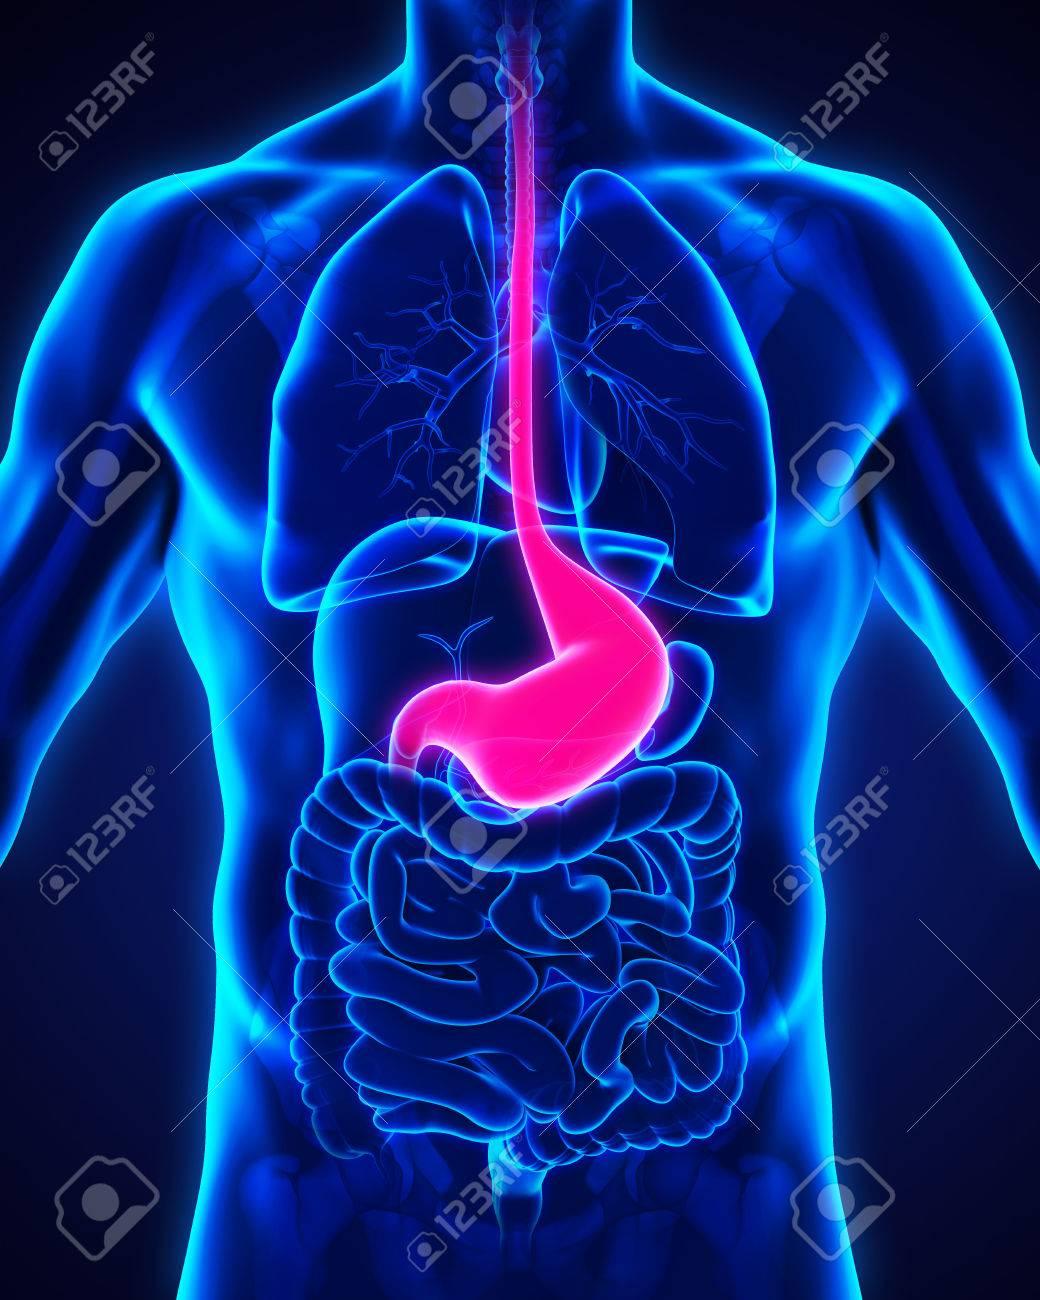 Anatomía Estómago Humano Fotos, Retratos, Imágenes Y Fotografía De ...